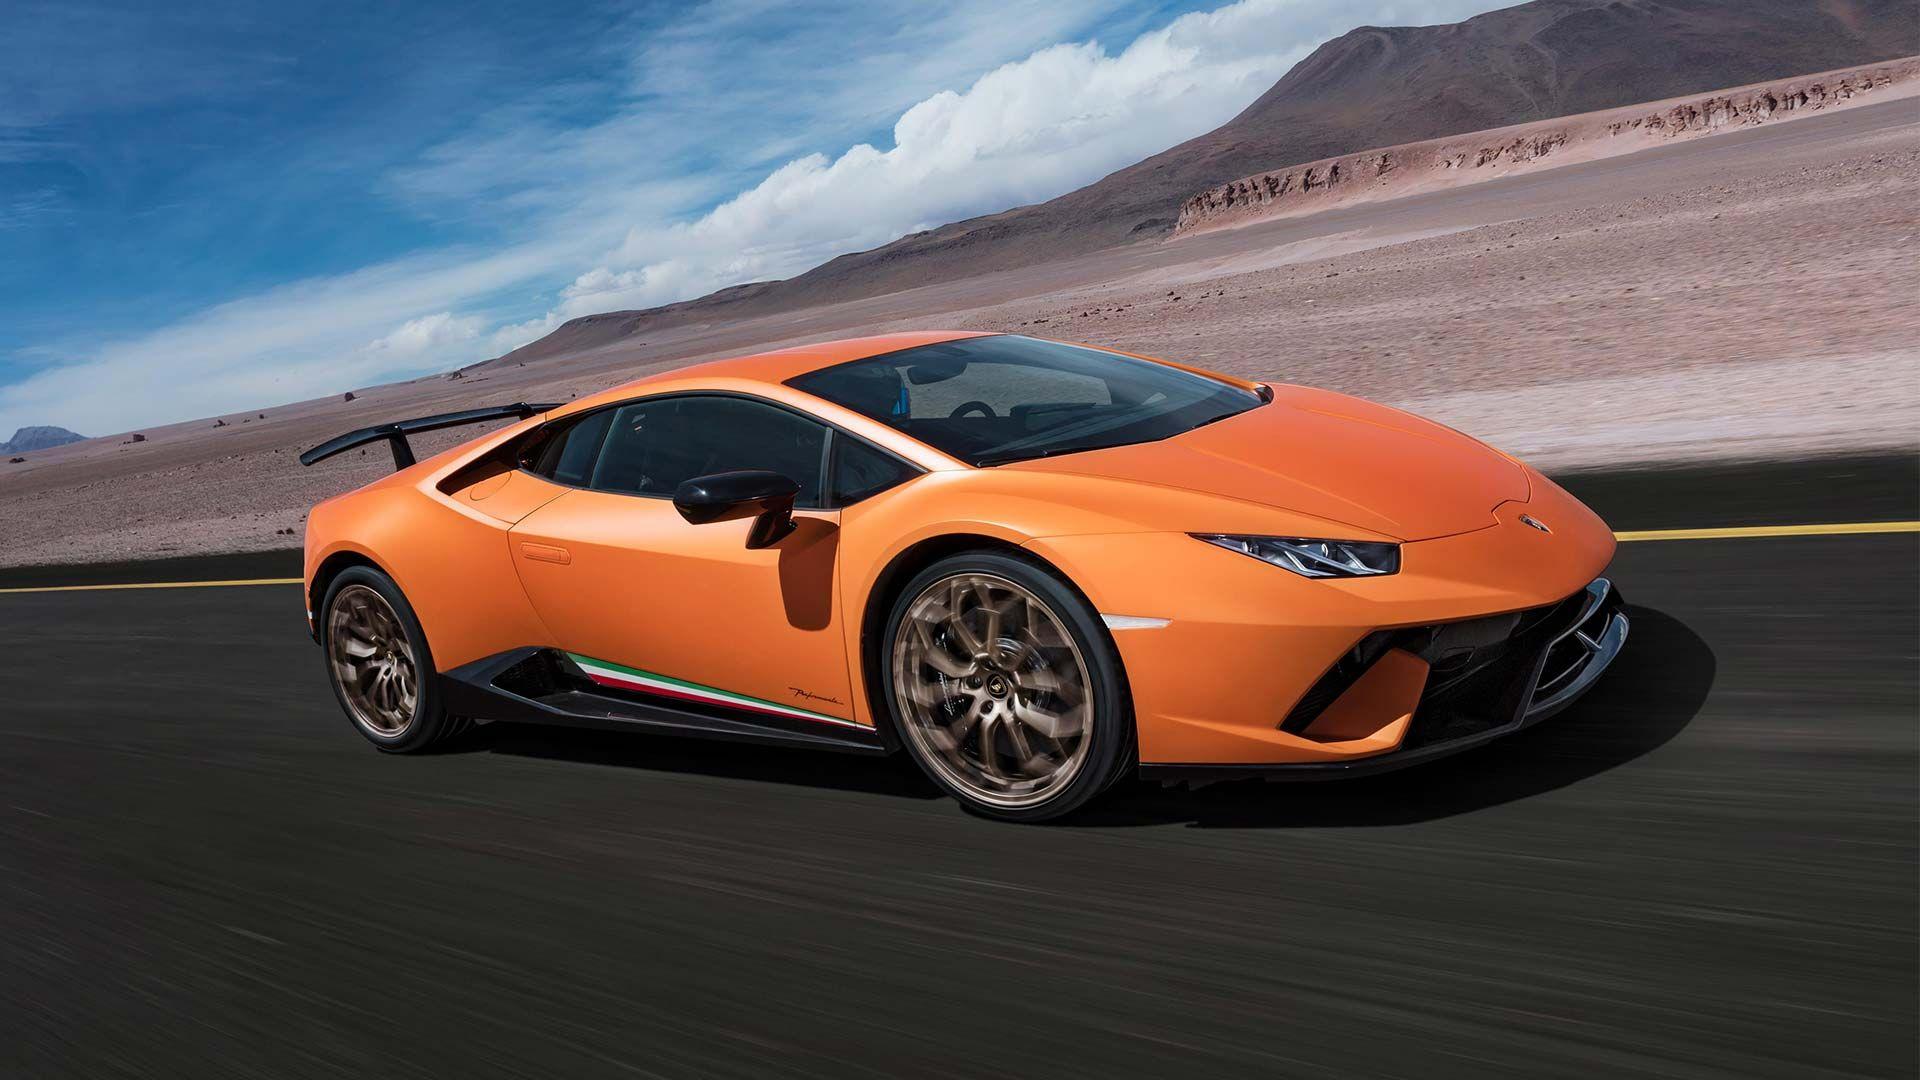 10a48eb584b1d2a17a34650ce3a10990 Exciting Lamborghini Huracán Lp 610-4 Cena Cars Trend